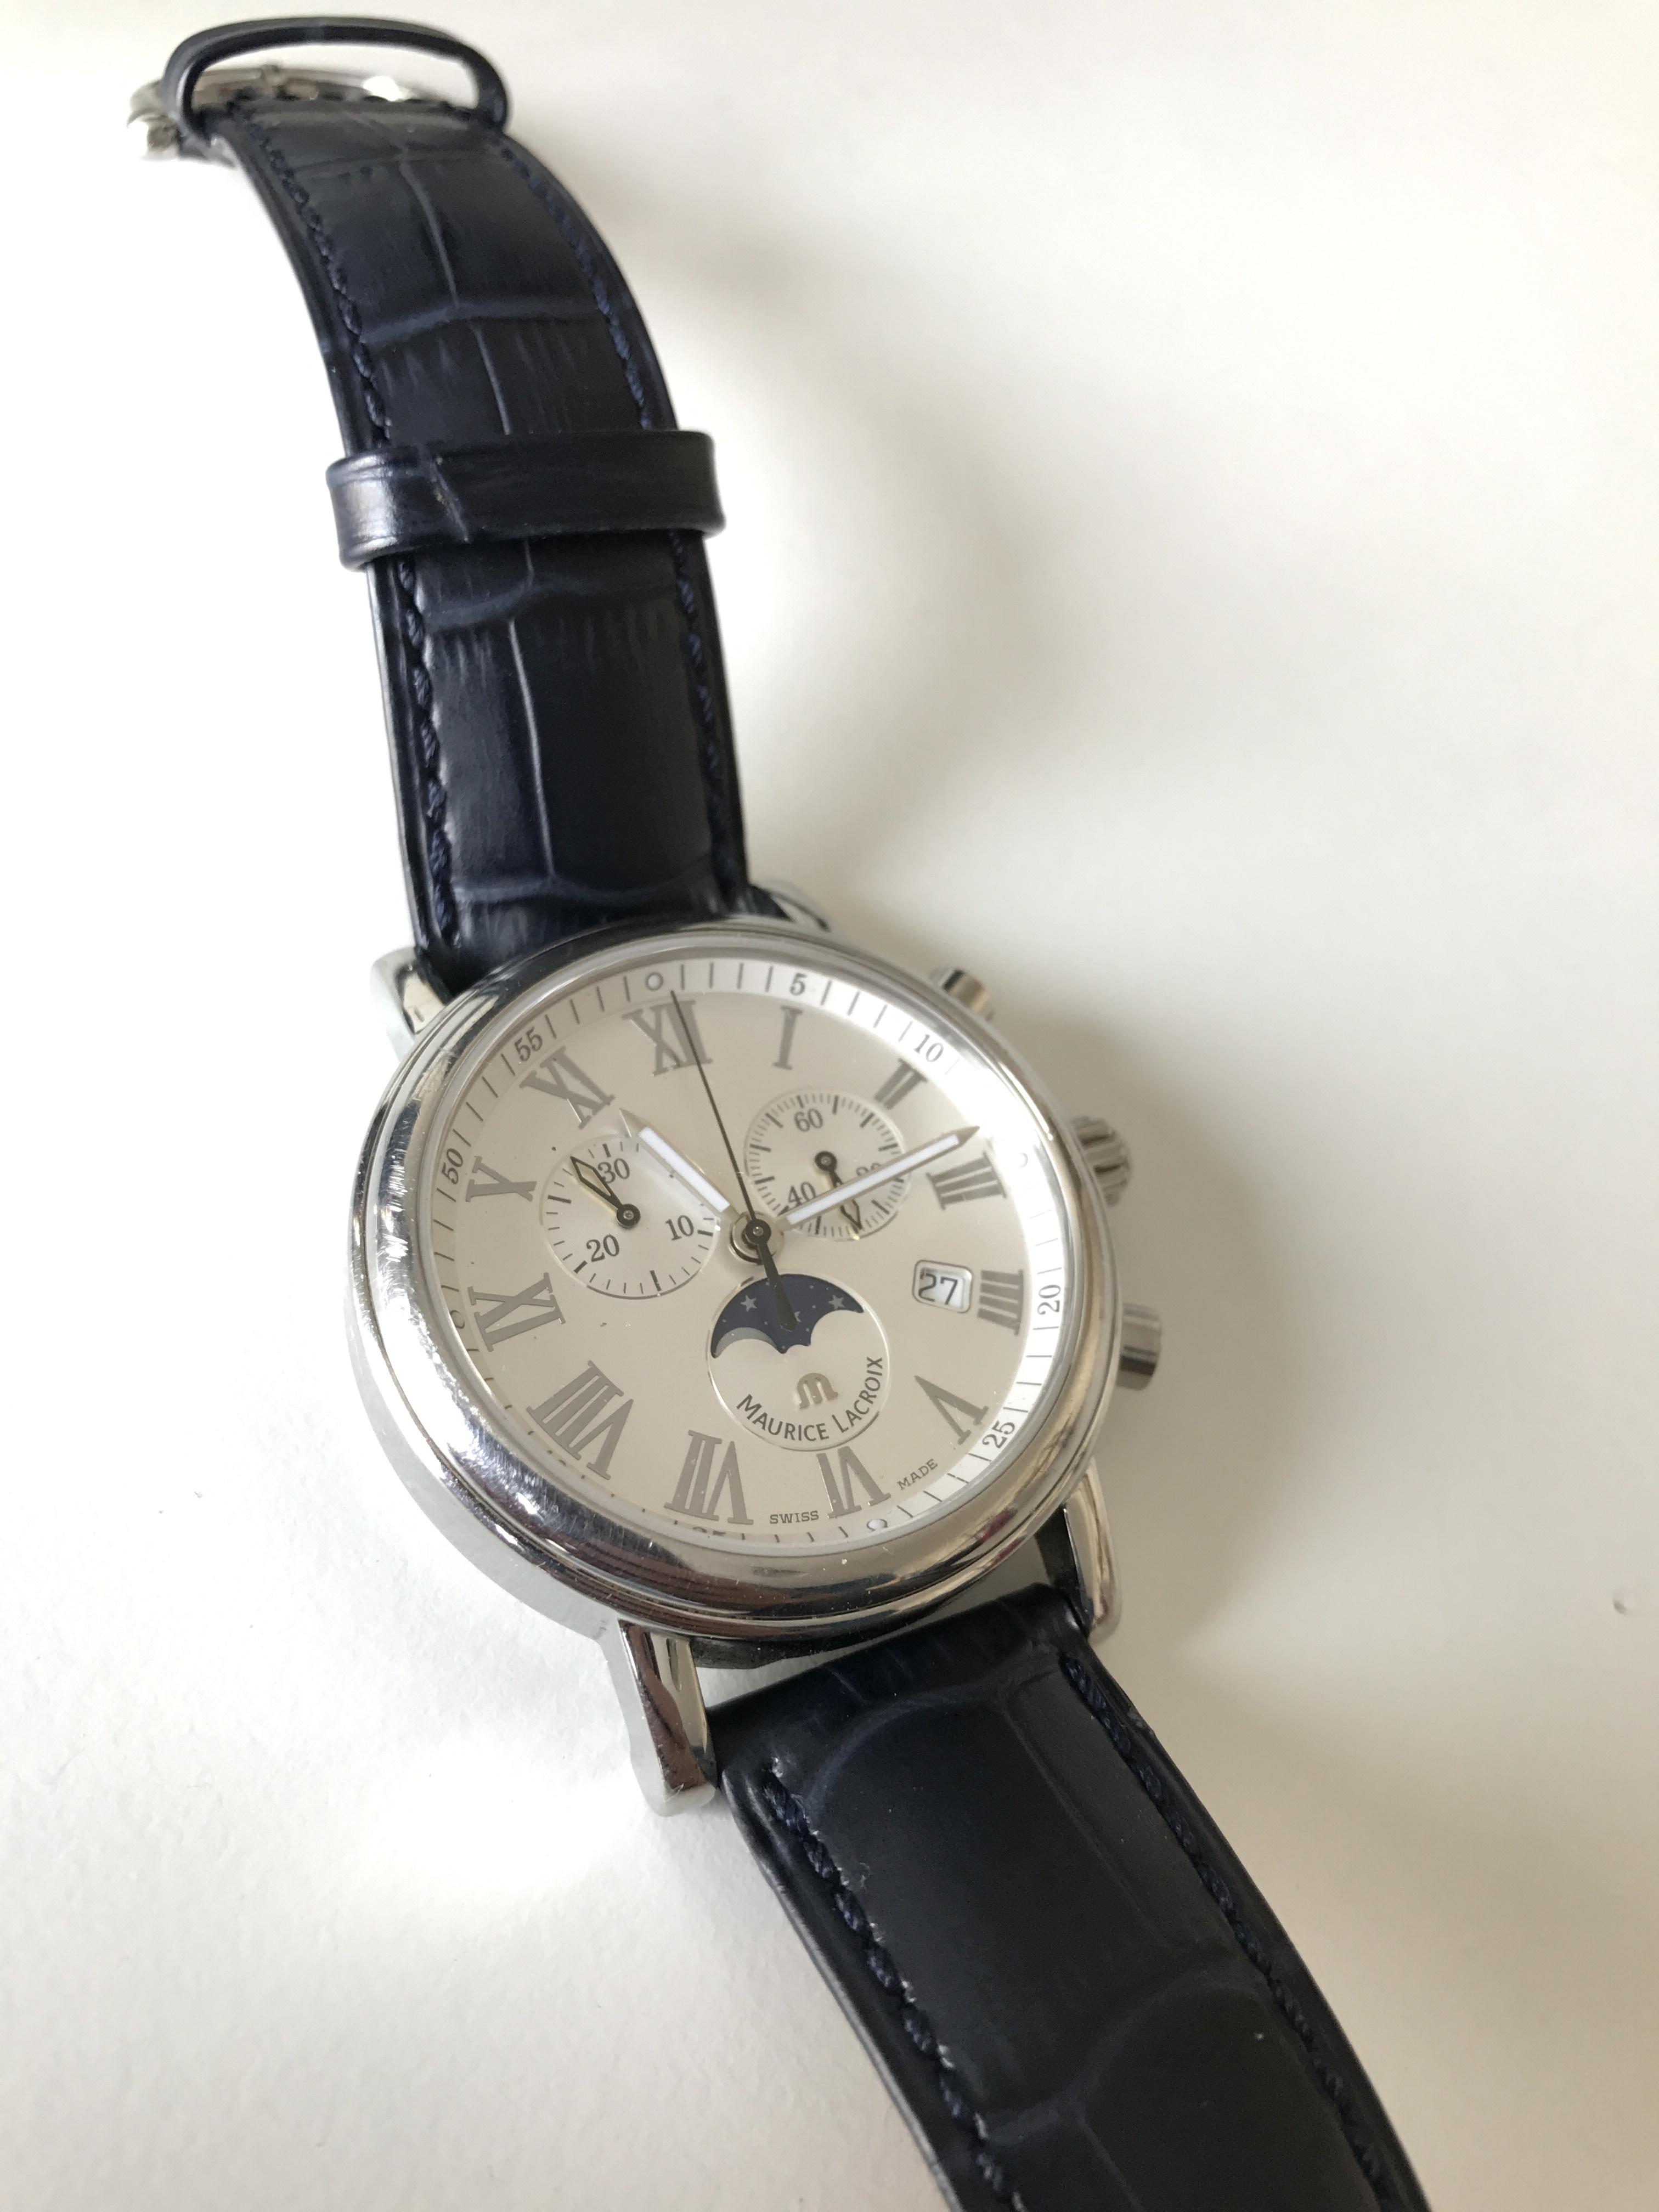 horloge werkt niet meer